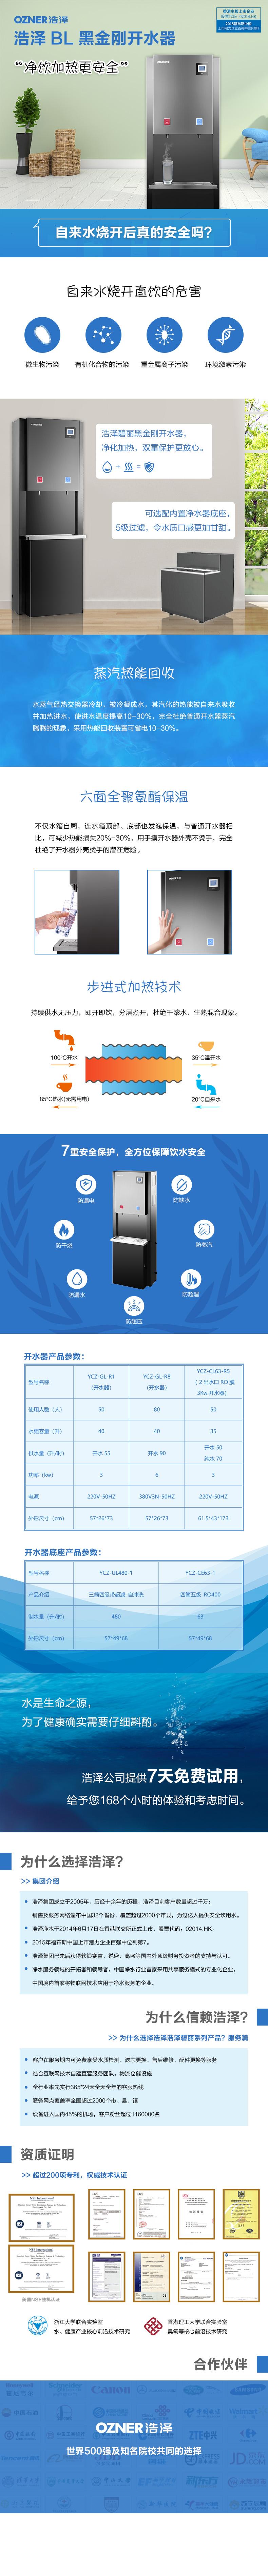 浩泽YCZ-GL-R8开水器